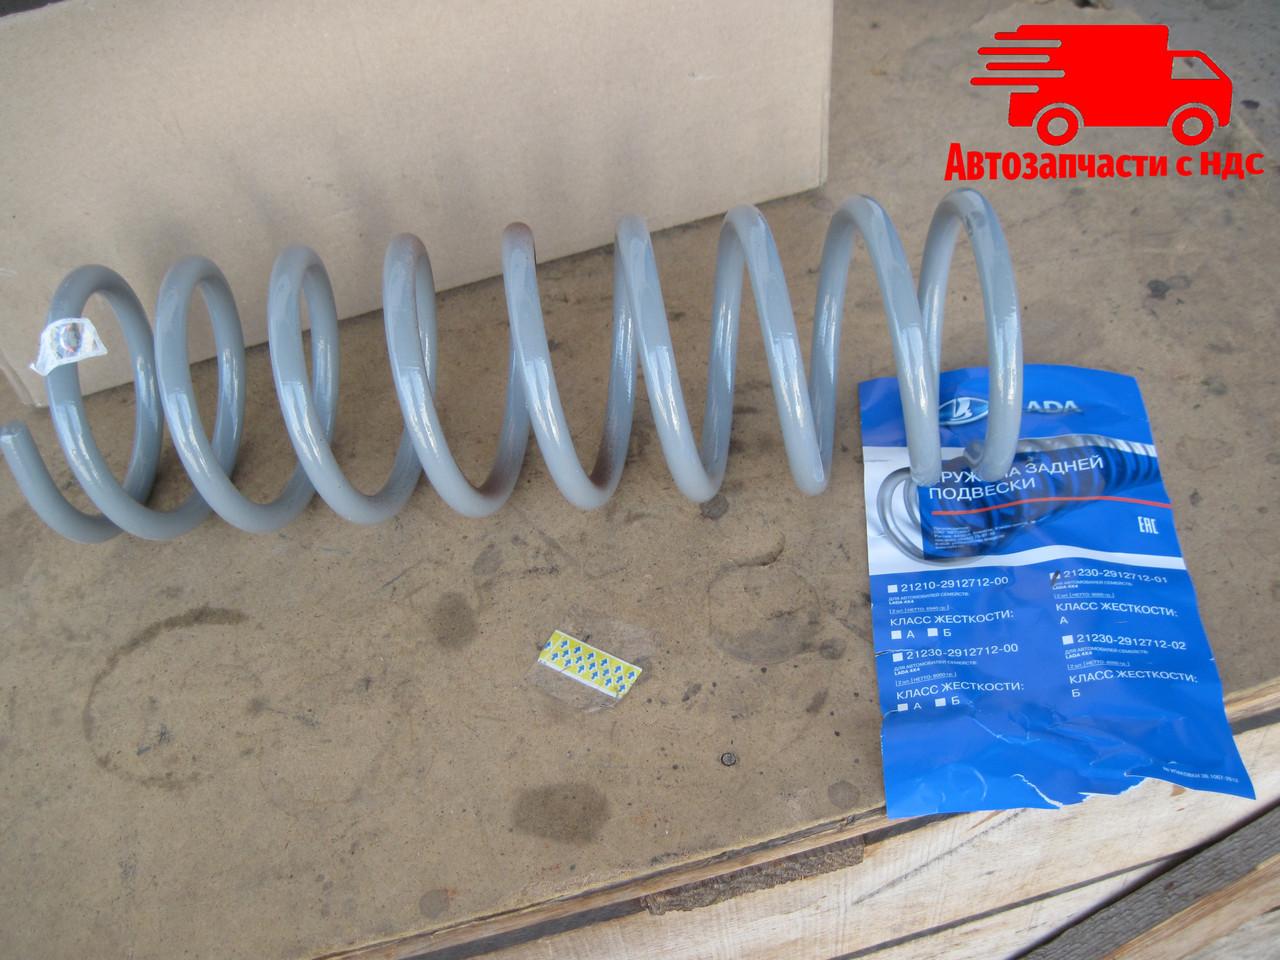 Пружина подвески ВАЗ 2123 НИВА ШЕВРОЛЕ задняя коричневая (пр-во АвтоВАЗ) 21230-2912712 Ціна з ПДВ.